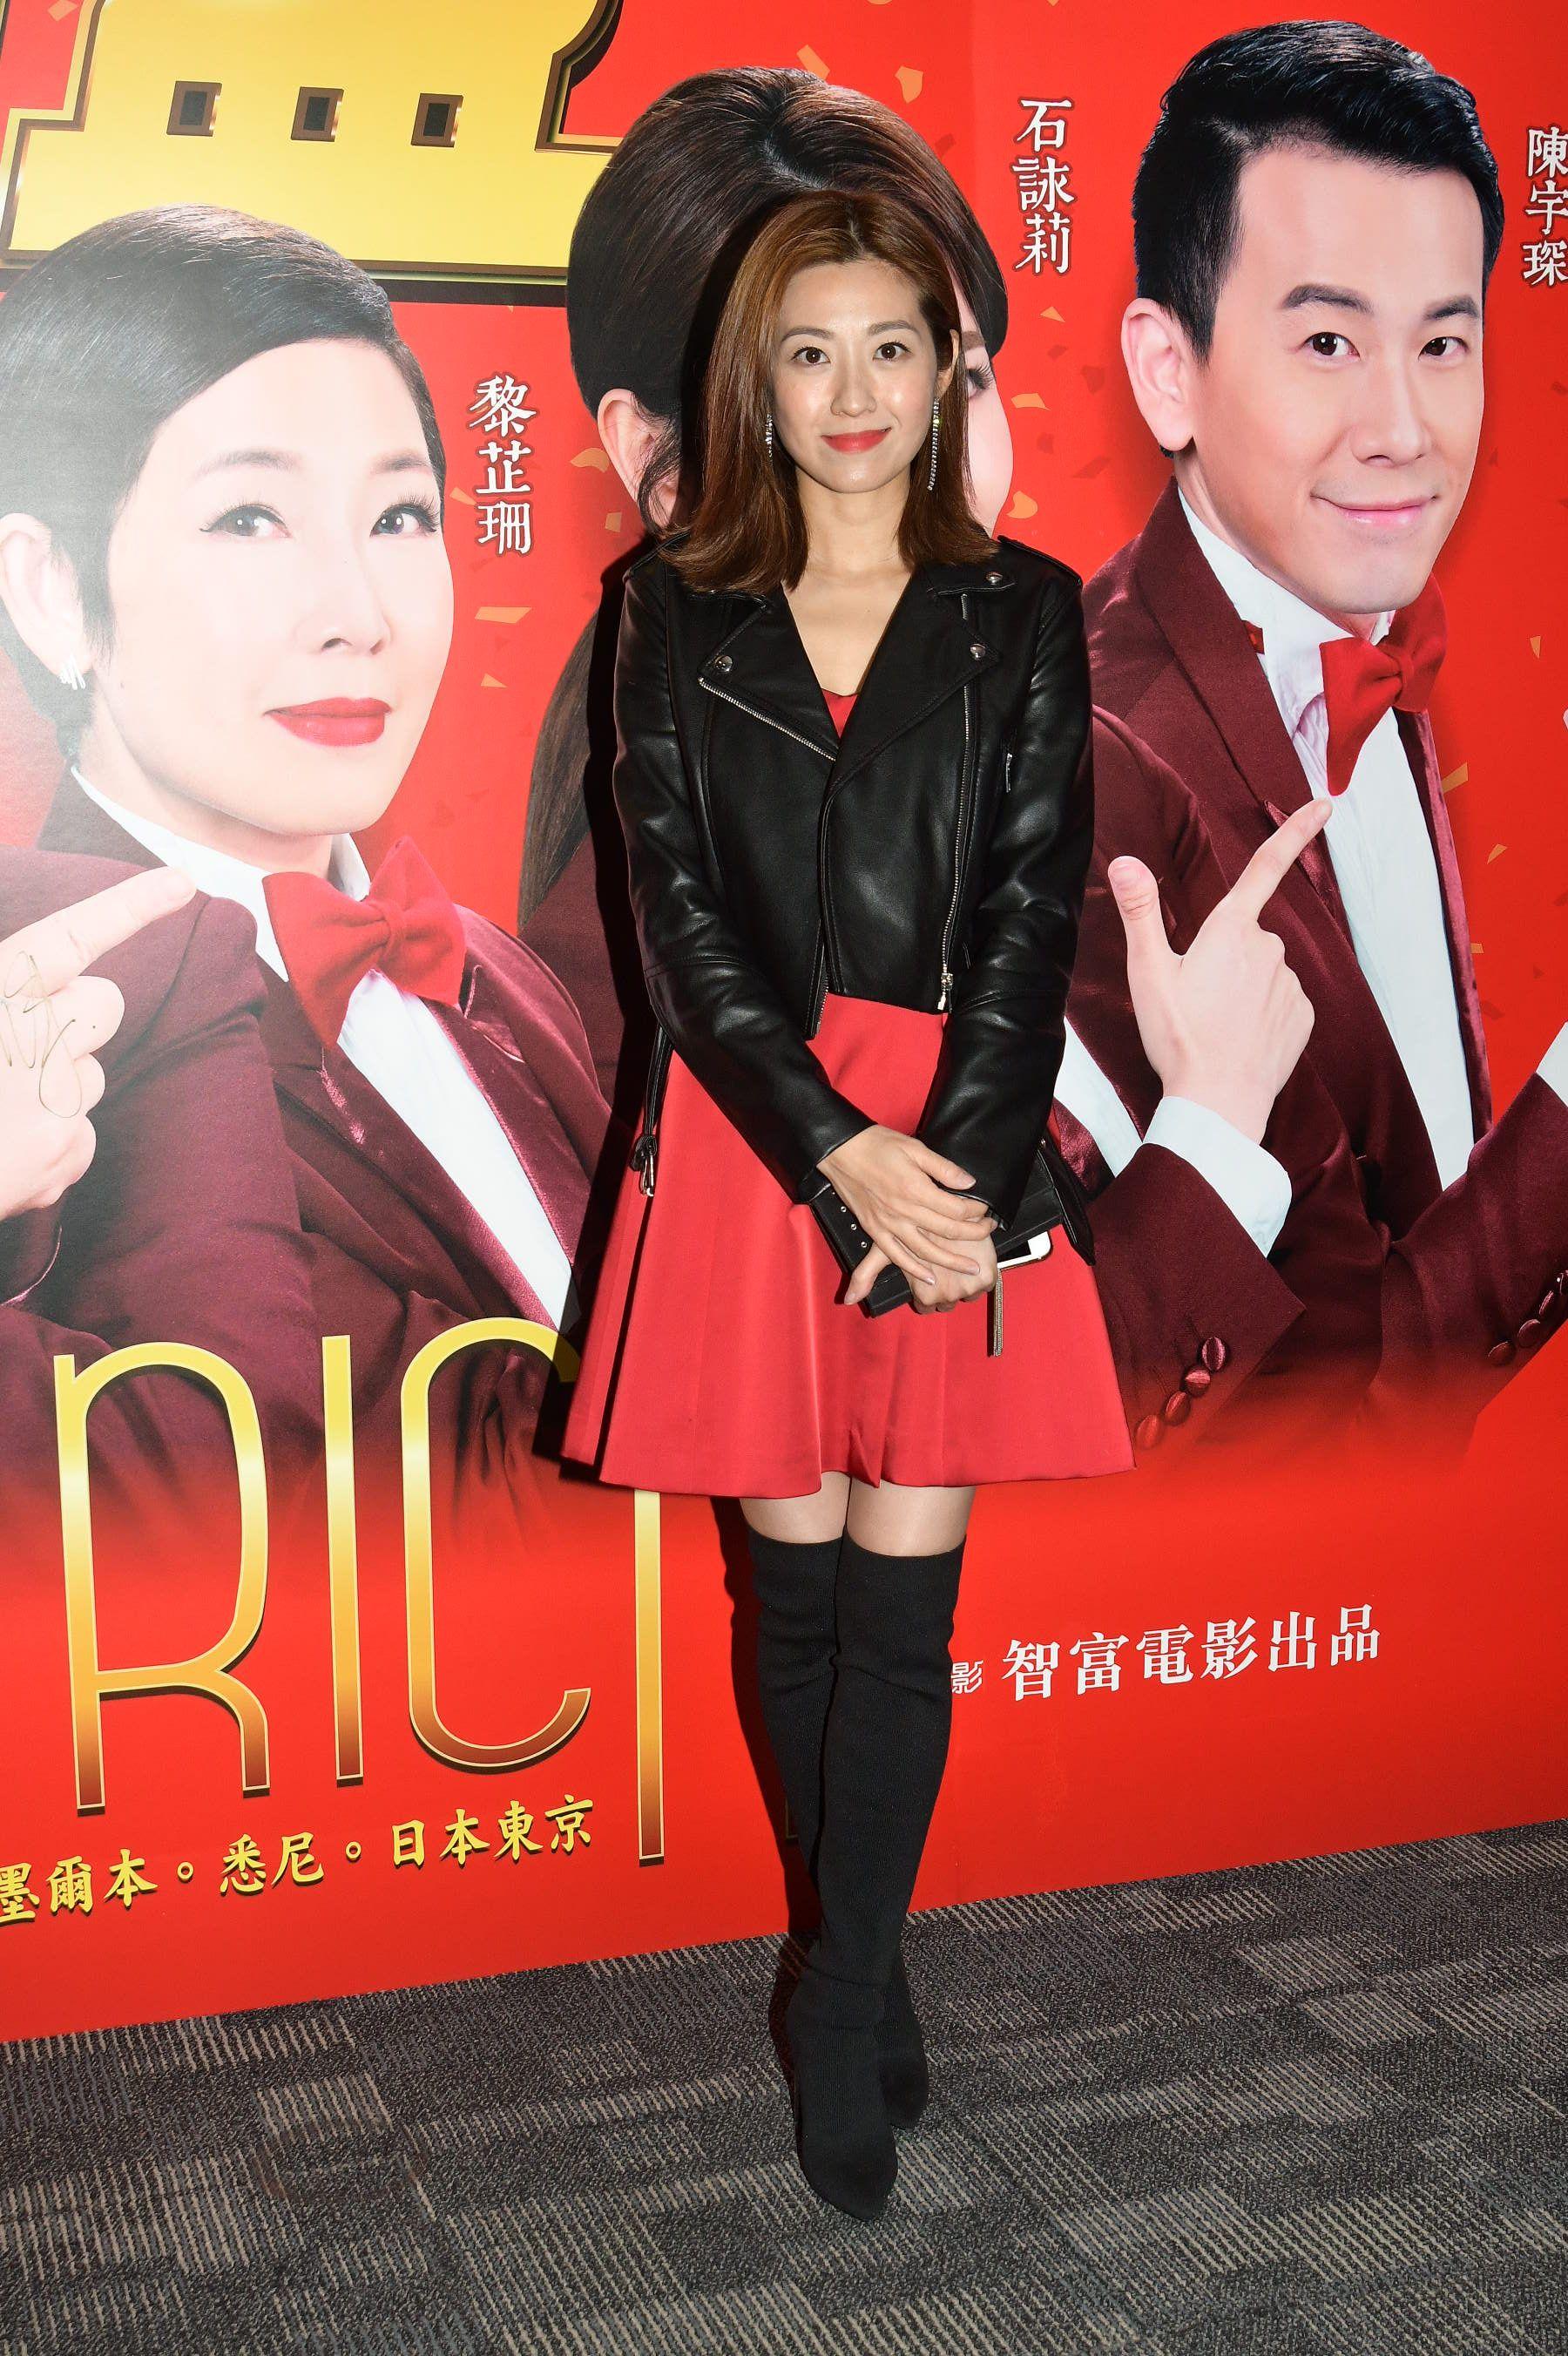 陳自瑤:Pretty Woman Look,但成個比例5:5咁,建議皮褸再短身啲,條裙可以改短啲,咁就可以露多少少美腿。